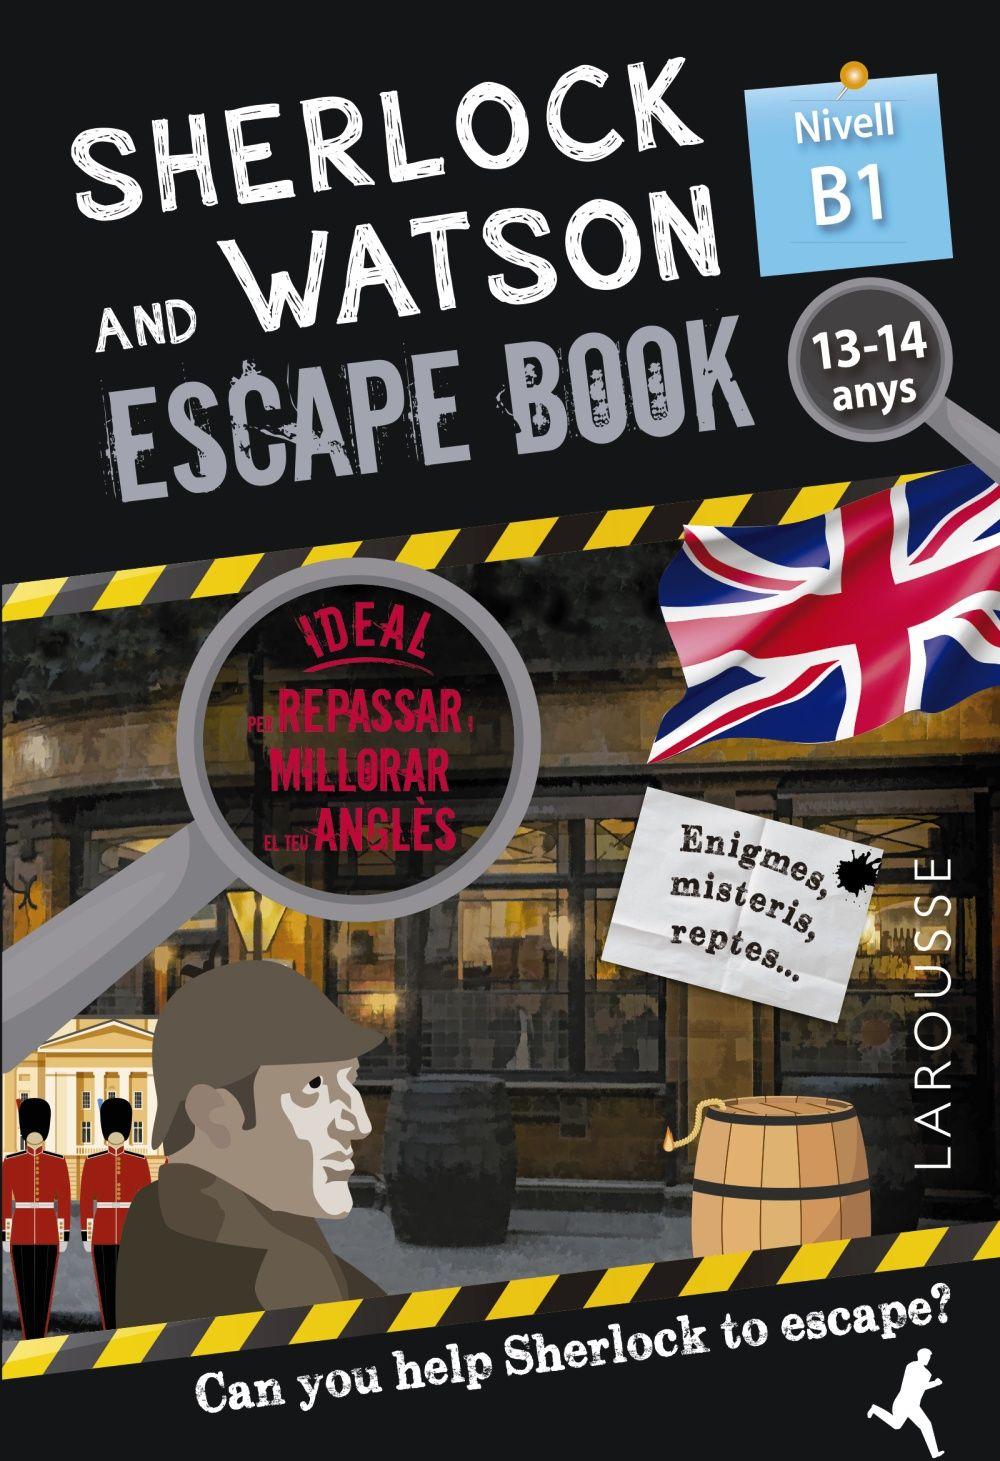 SHERLOCK & WATSON ESCAPE BOOK PER REPASSAR ANGLES 13 14 ANYS